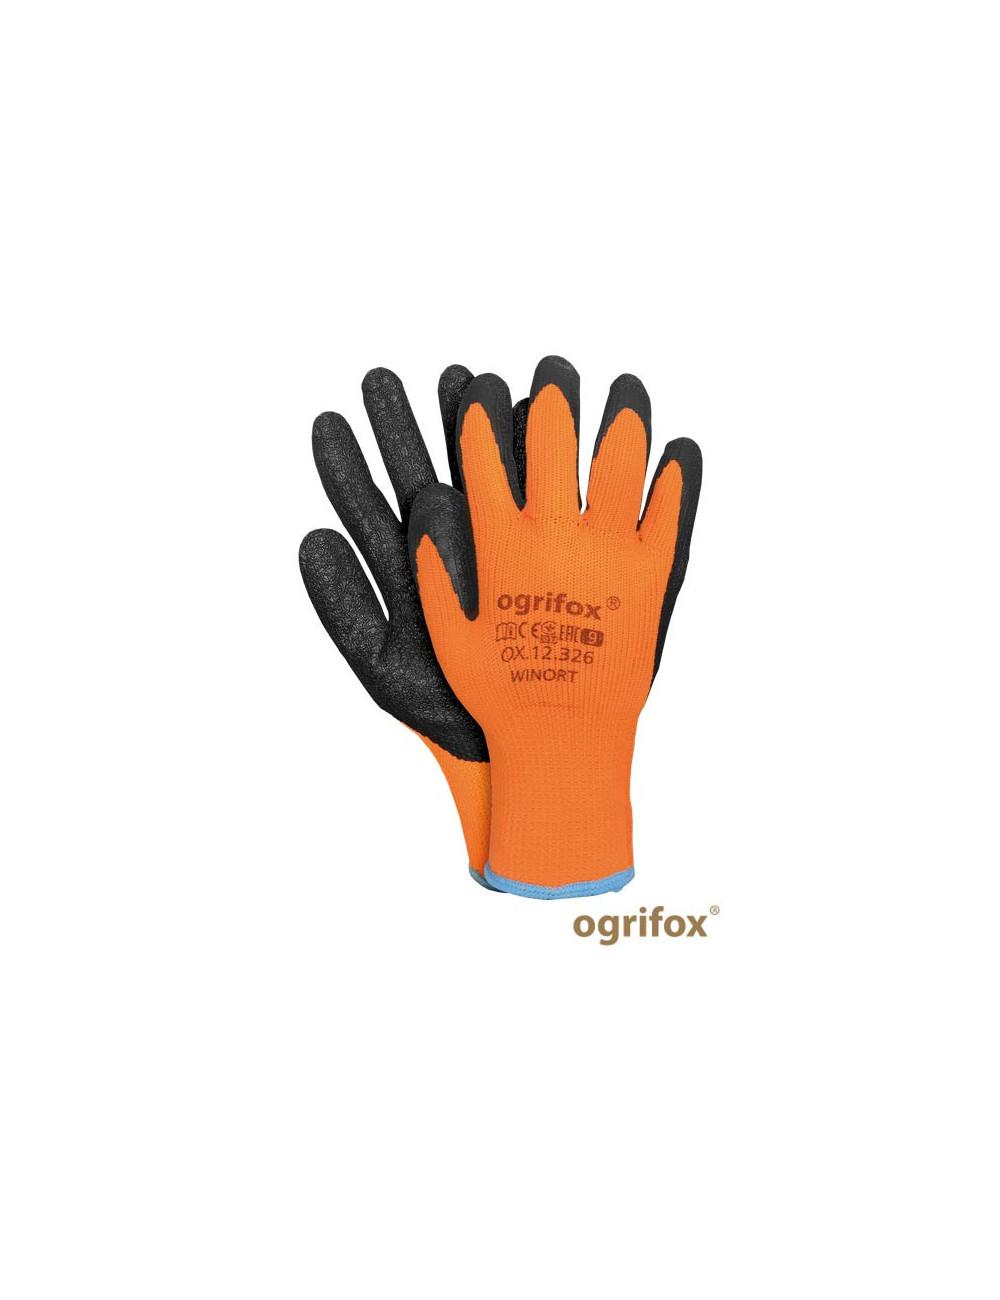 OGRIFOX RĘKAWICE OCHRONNE OX.12.326 WINORT OX-WINORT PB POMARAŃCZOWO-CZARNY